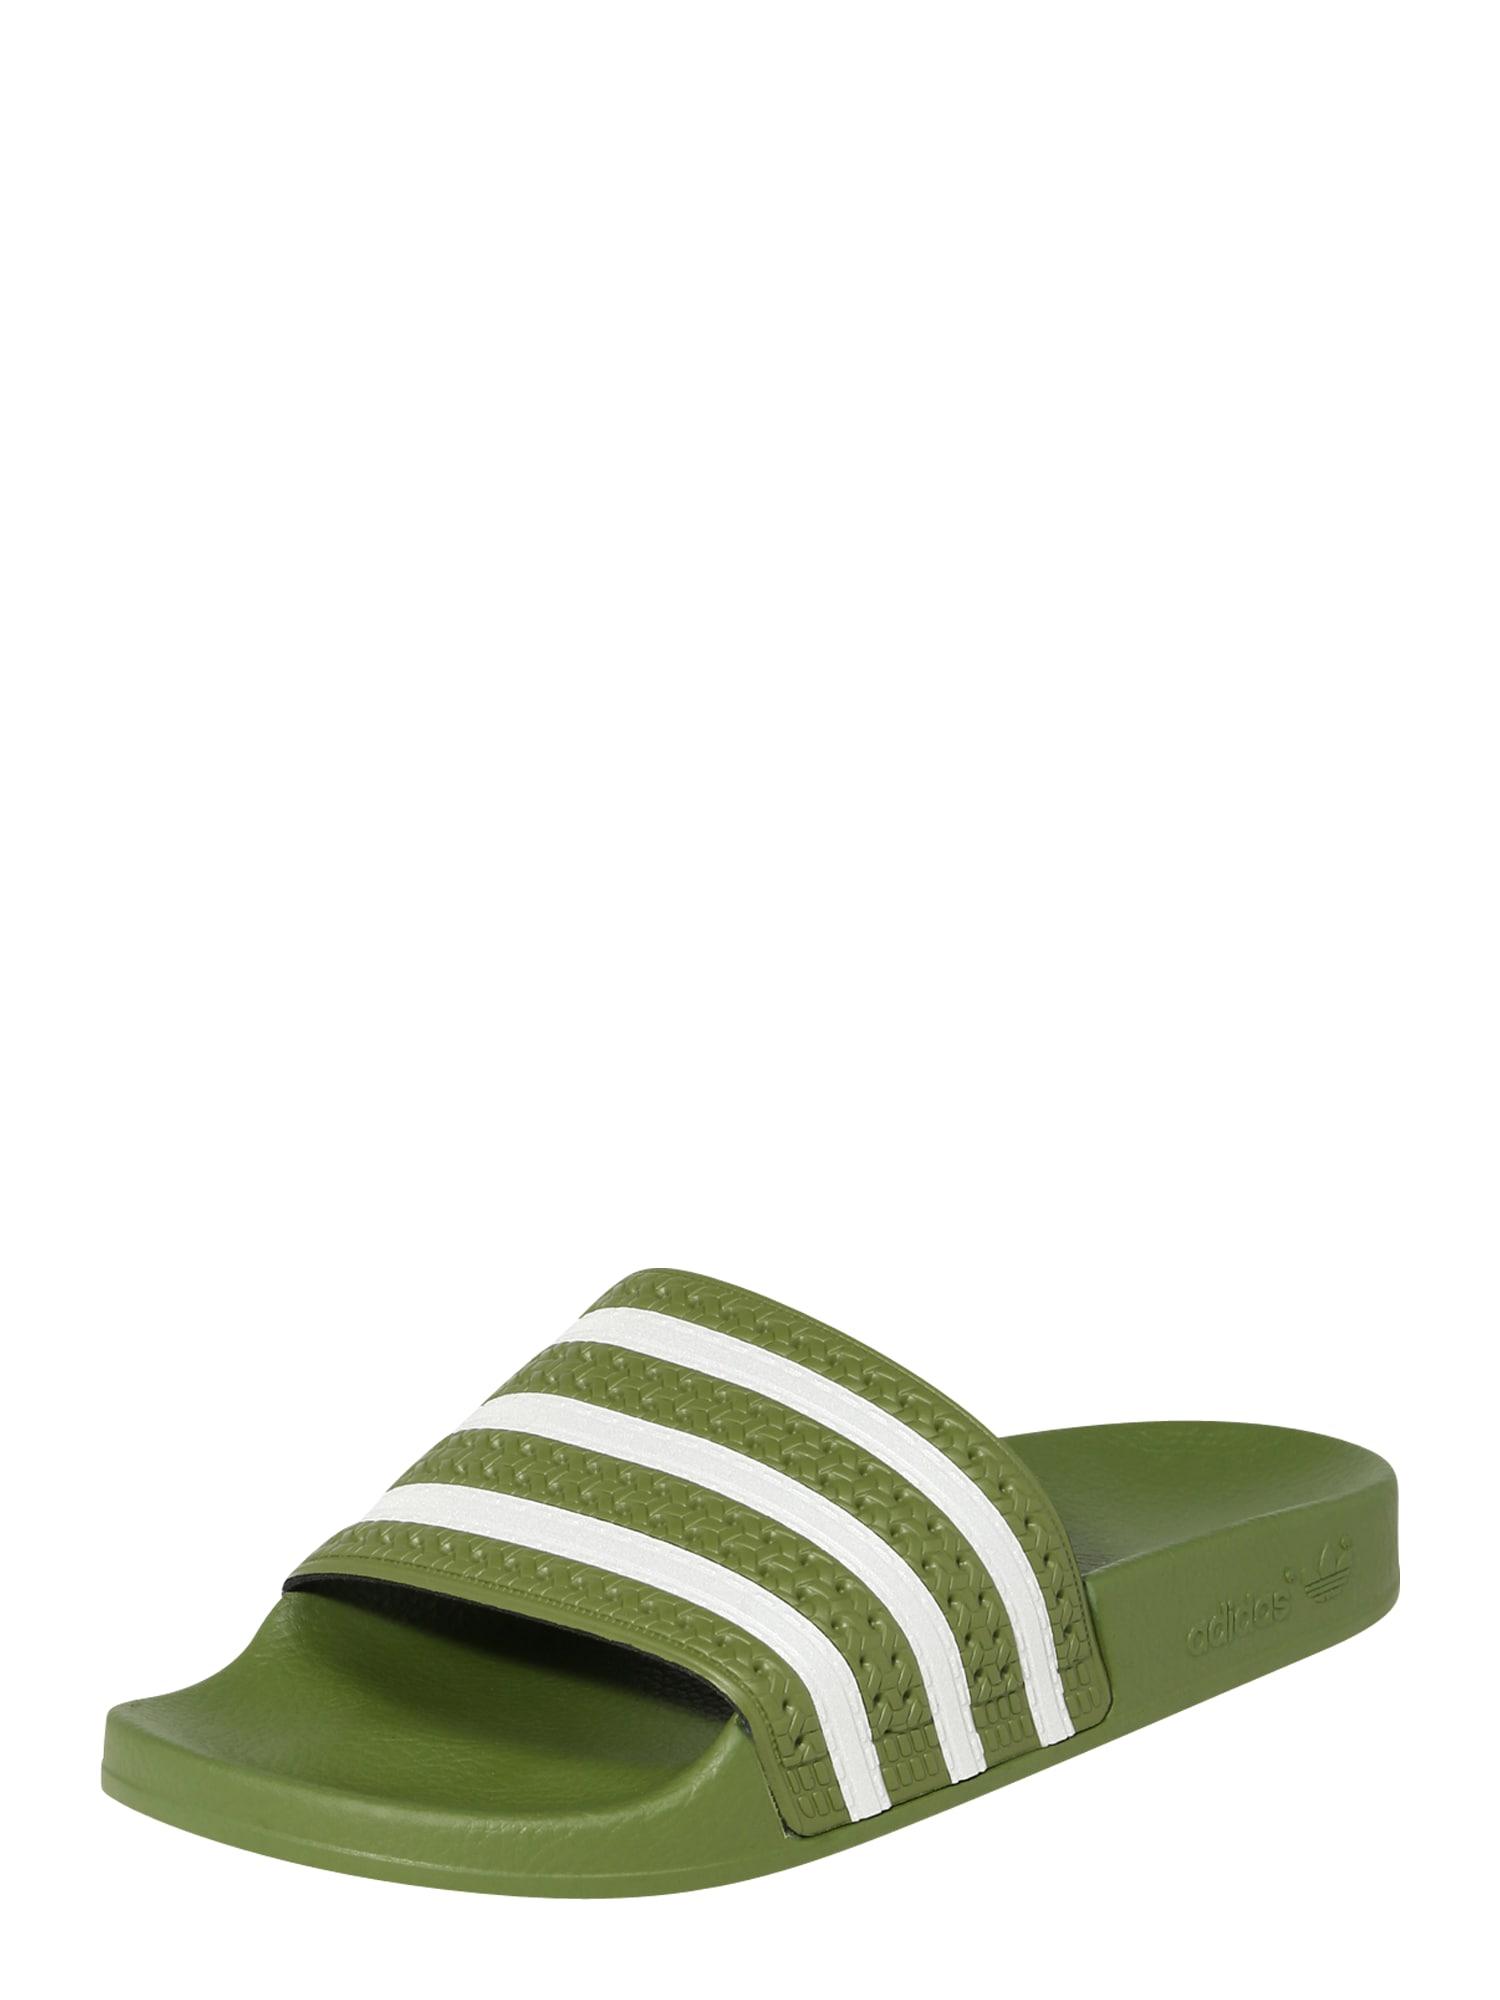 ADIDAS ORIGINALS Pantofle 'Adilette'  olivová / bílá